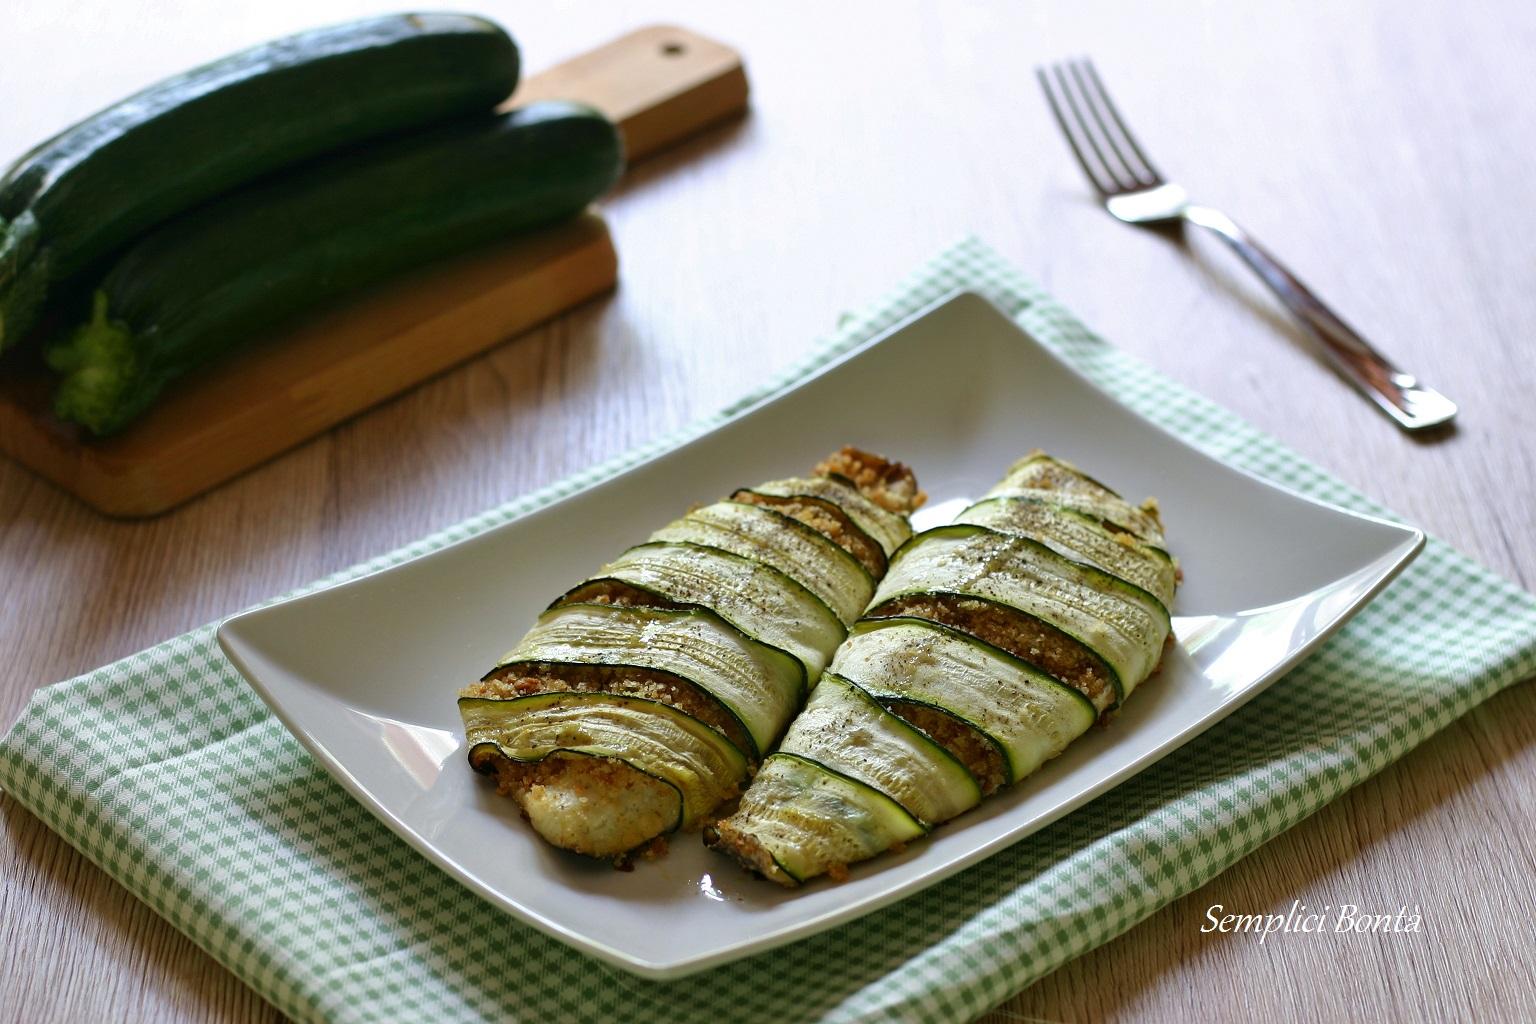 filetti di branzino al forno